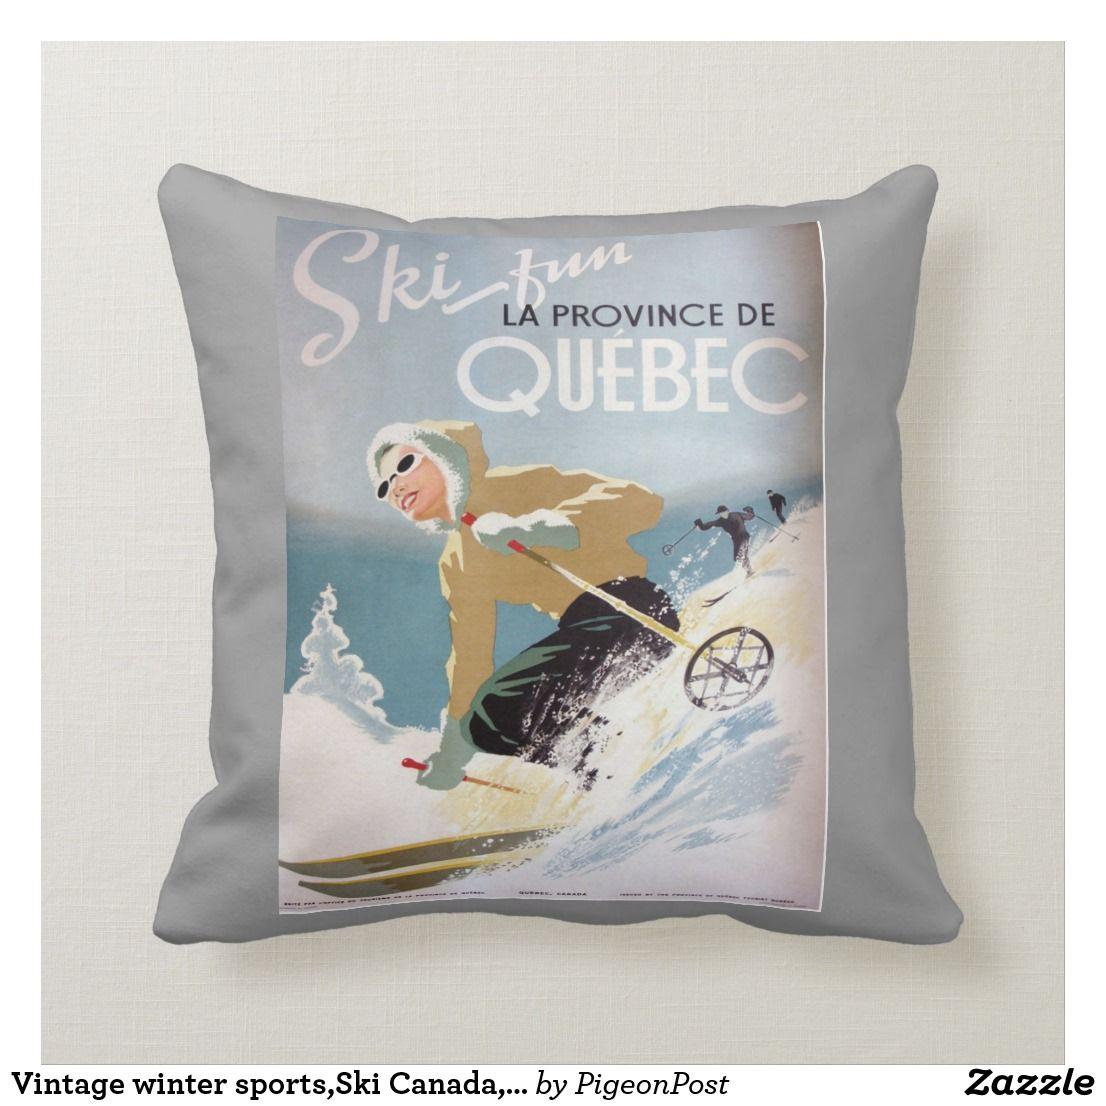 Vintage winter sports,Ski Canada, Quebec Throw Pillow